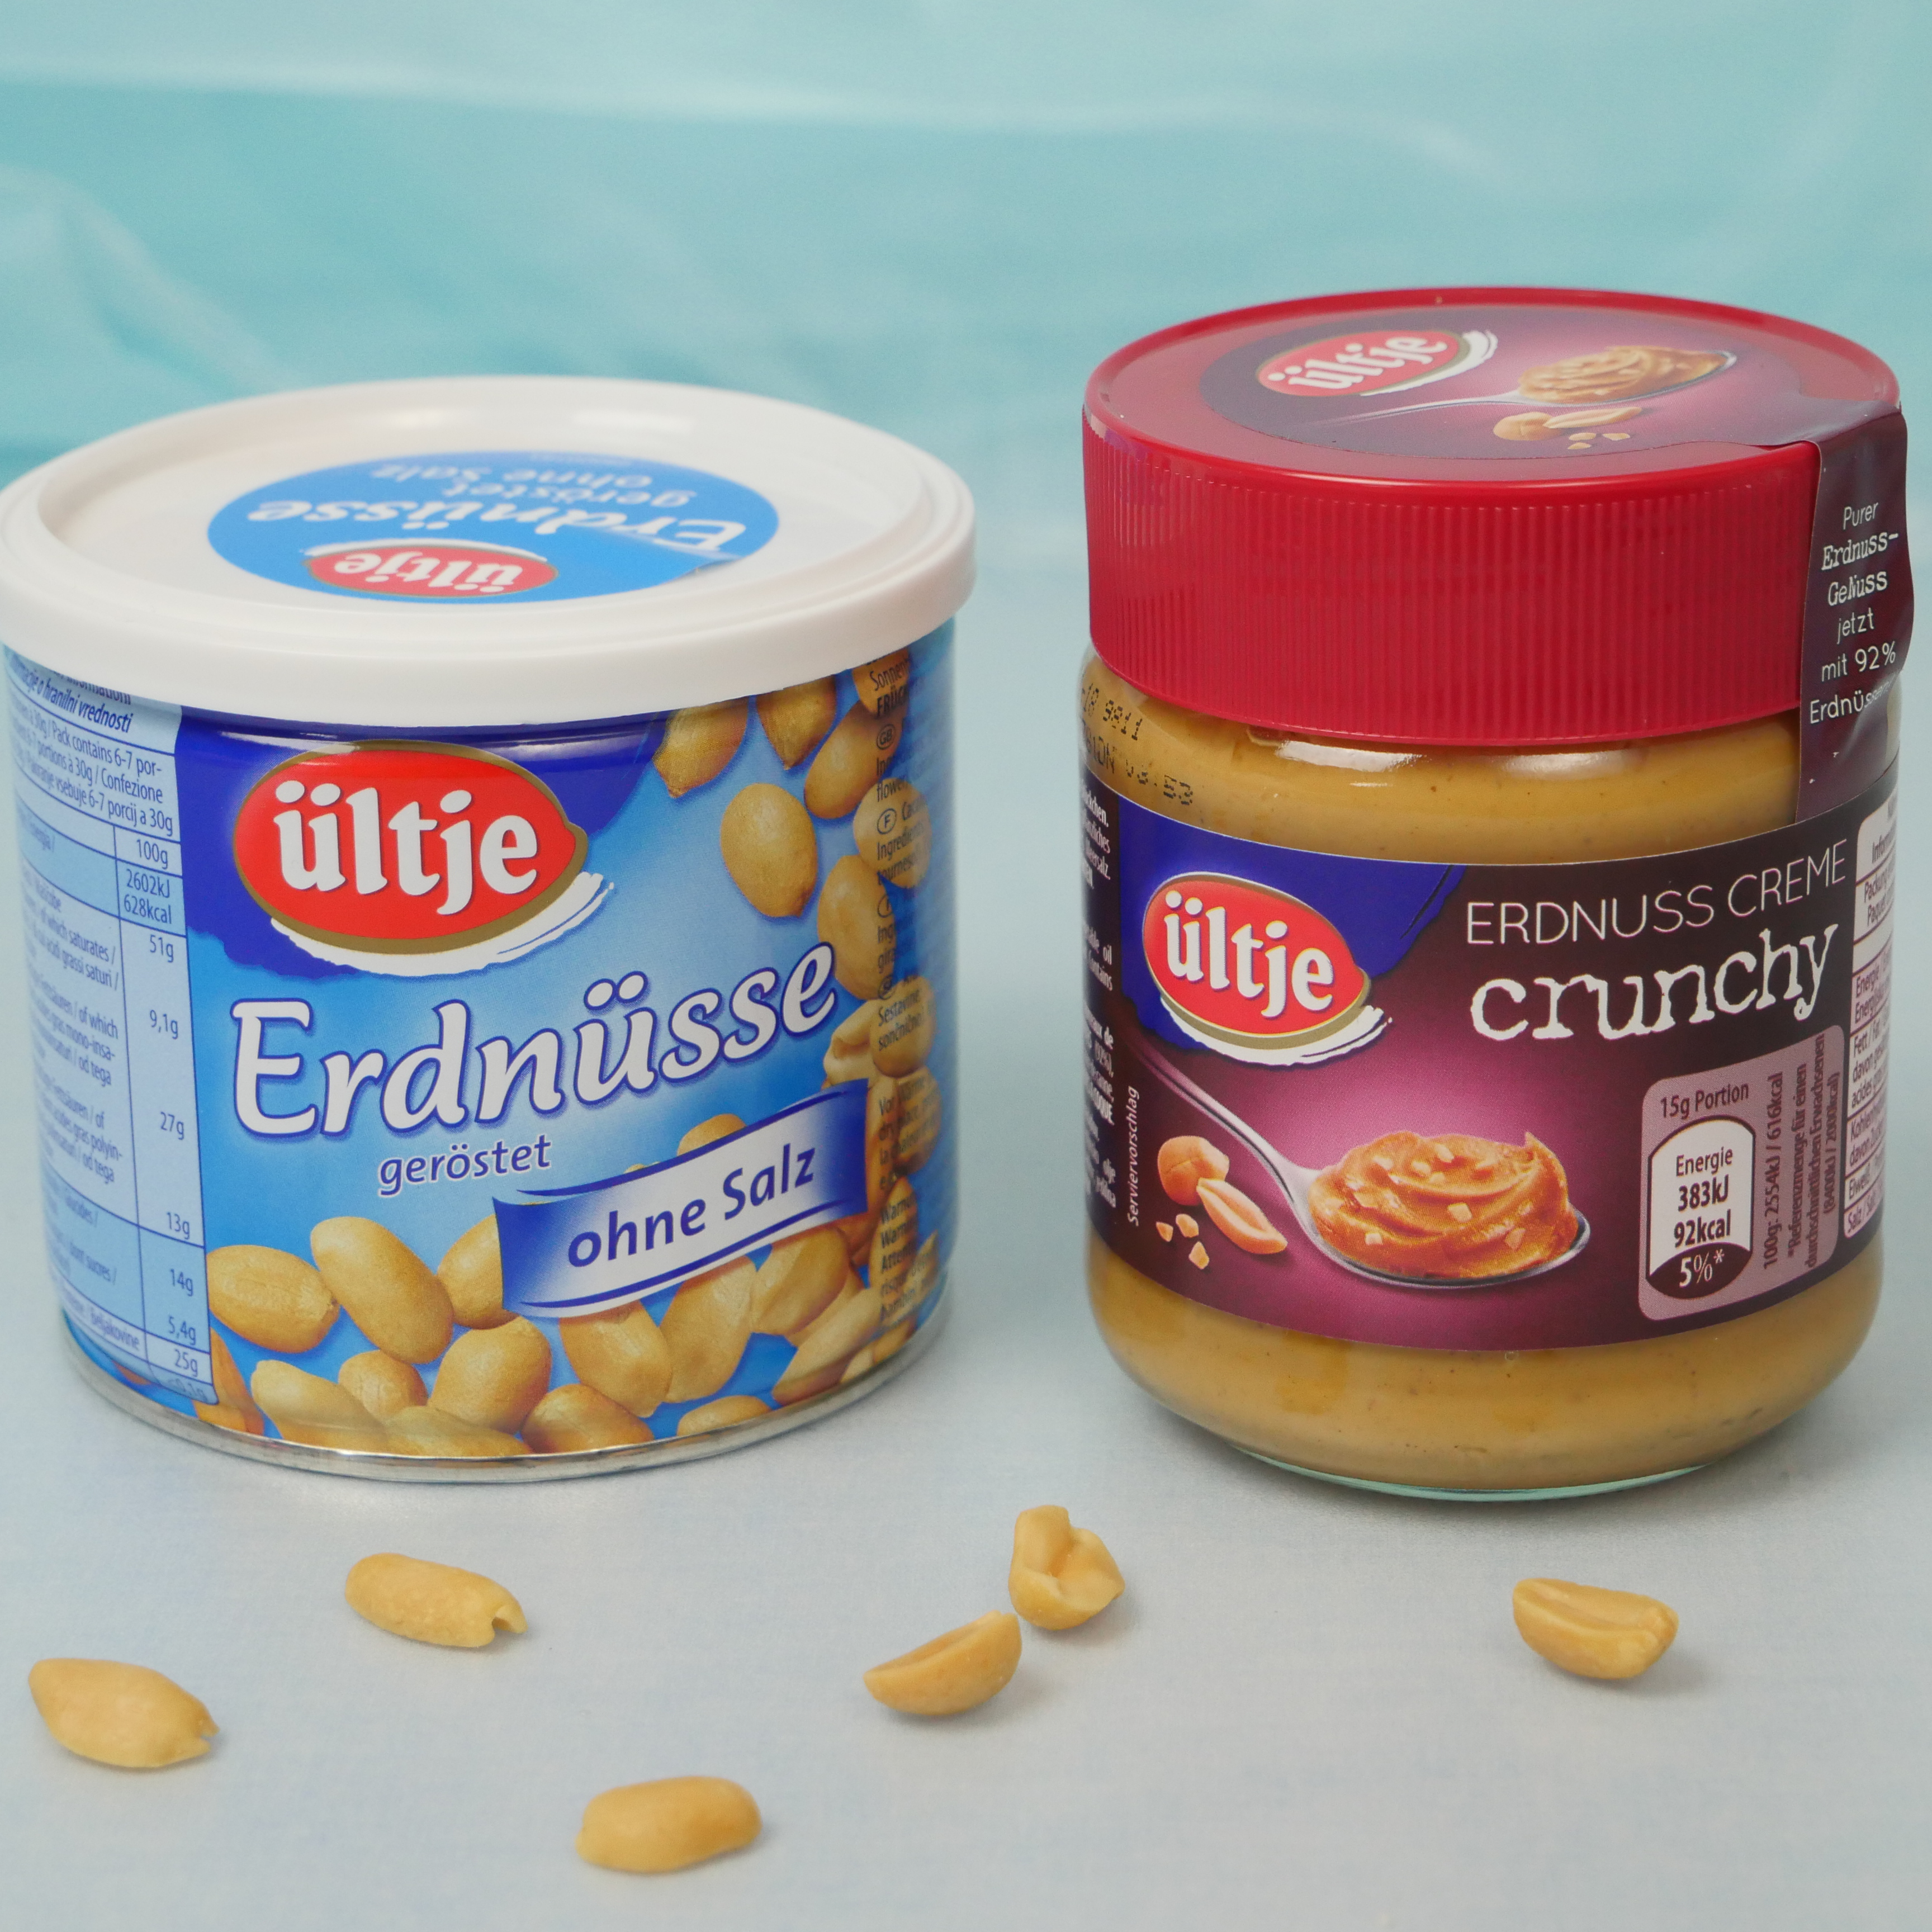 Bild von Erdnussbutter und Erdnüssen